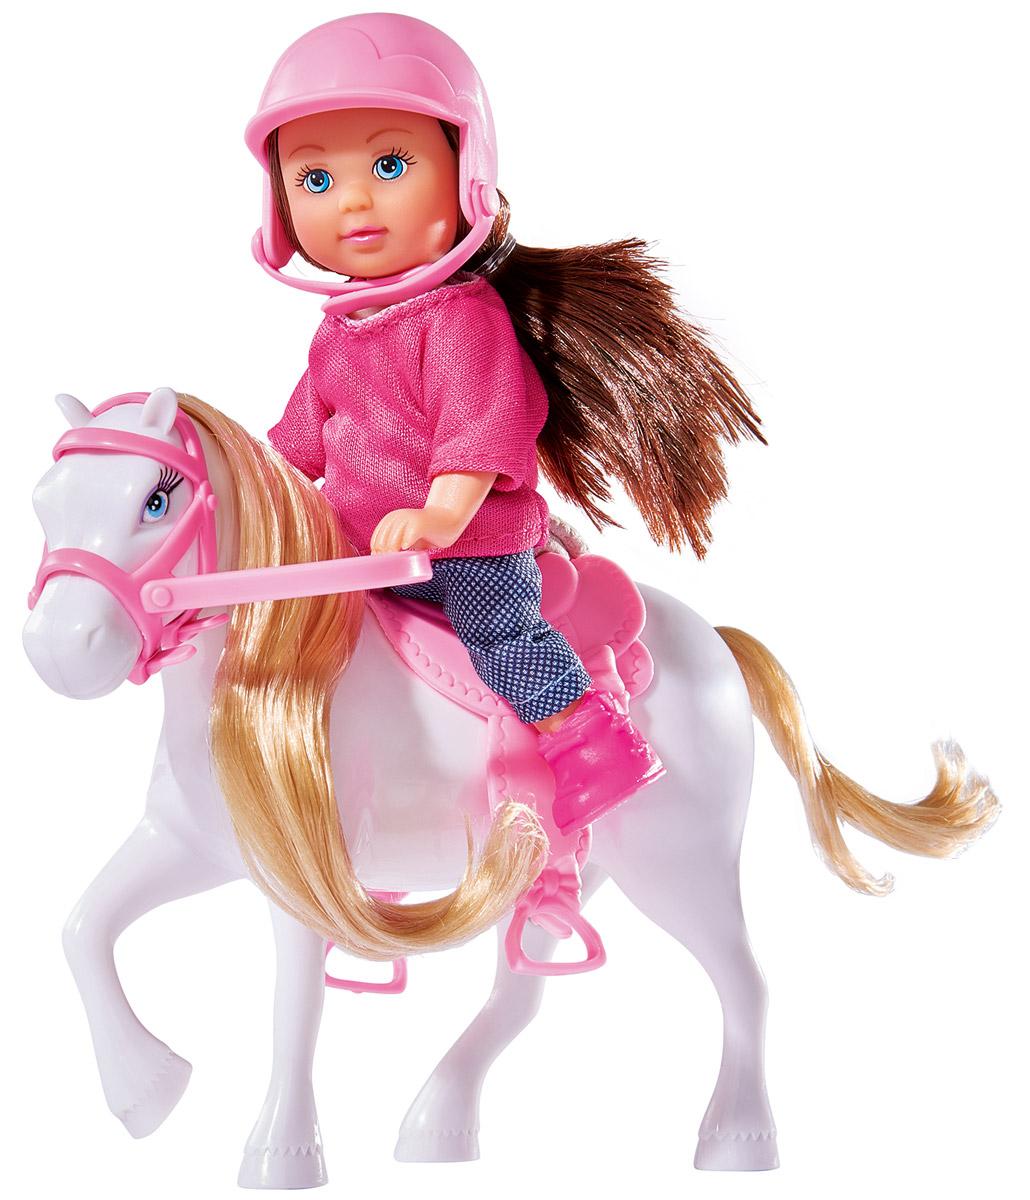 Simba Кукла Еви с пони цвет белый5737464_коричневый,белыйКукла Simba Еви с пони порадует любую девочку и надолго увлечет ее. Малышка Еви собралась на конную прогулку! Она одета в удобную розовую кофточку и синие брюки, на голове у нее - защитная каска. Вашей дочурке непременно понравится заплетать длинные волосы куклы, придумывая разнообразные прически. В комплект входит фигурка пони с седлом и сбруей. Длинную мягкую гриву лошадки можно расчесывать и заплетать. Руки, ноги и голова куклы подвижны, благодаря чему ей можно придавать разнообразные позы. Игры с куклой способствуют эмоциональному развитию, помогают формировать воображение и художественный вкус, а также разовьют в вашей малышке чувство ответственности и заботы. Великолепное качество исполнения делают эту куколку чудесным подарком к любому празднику.